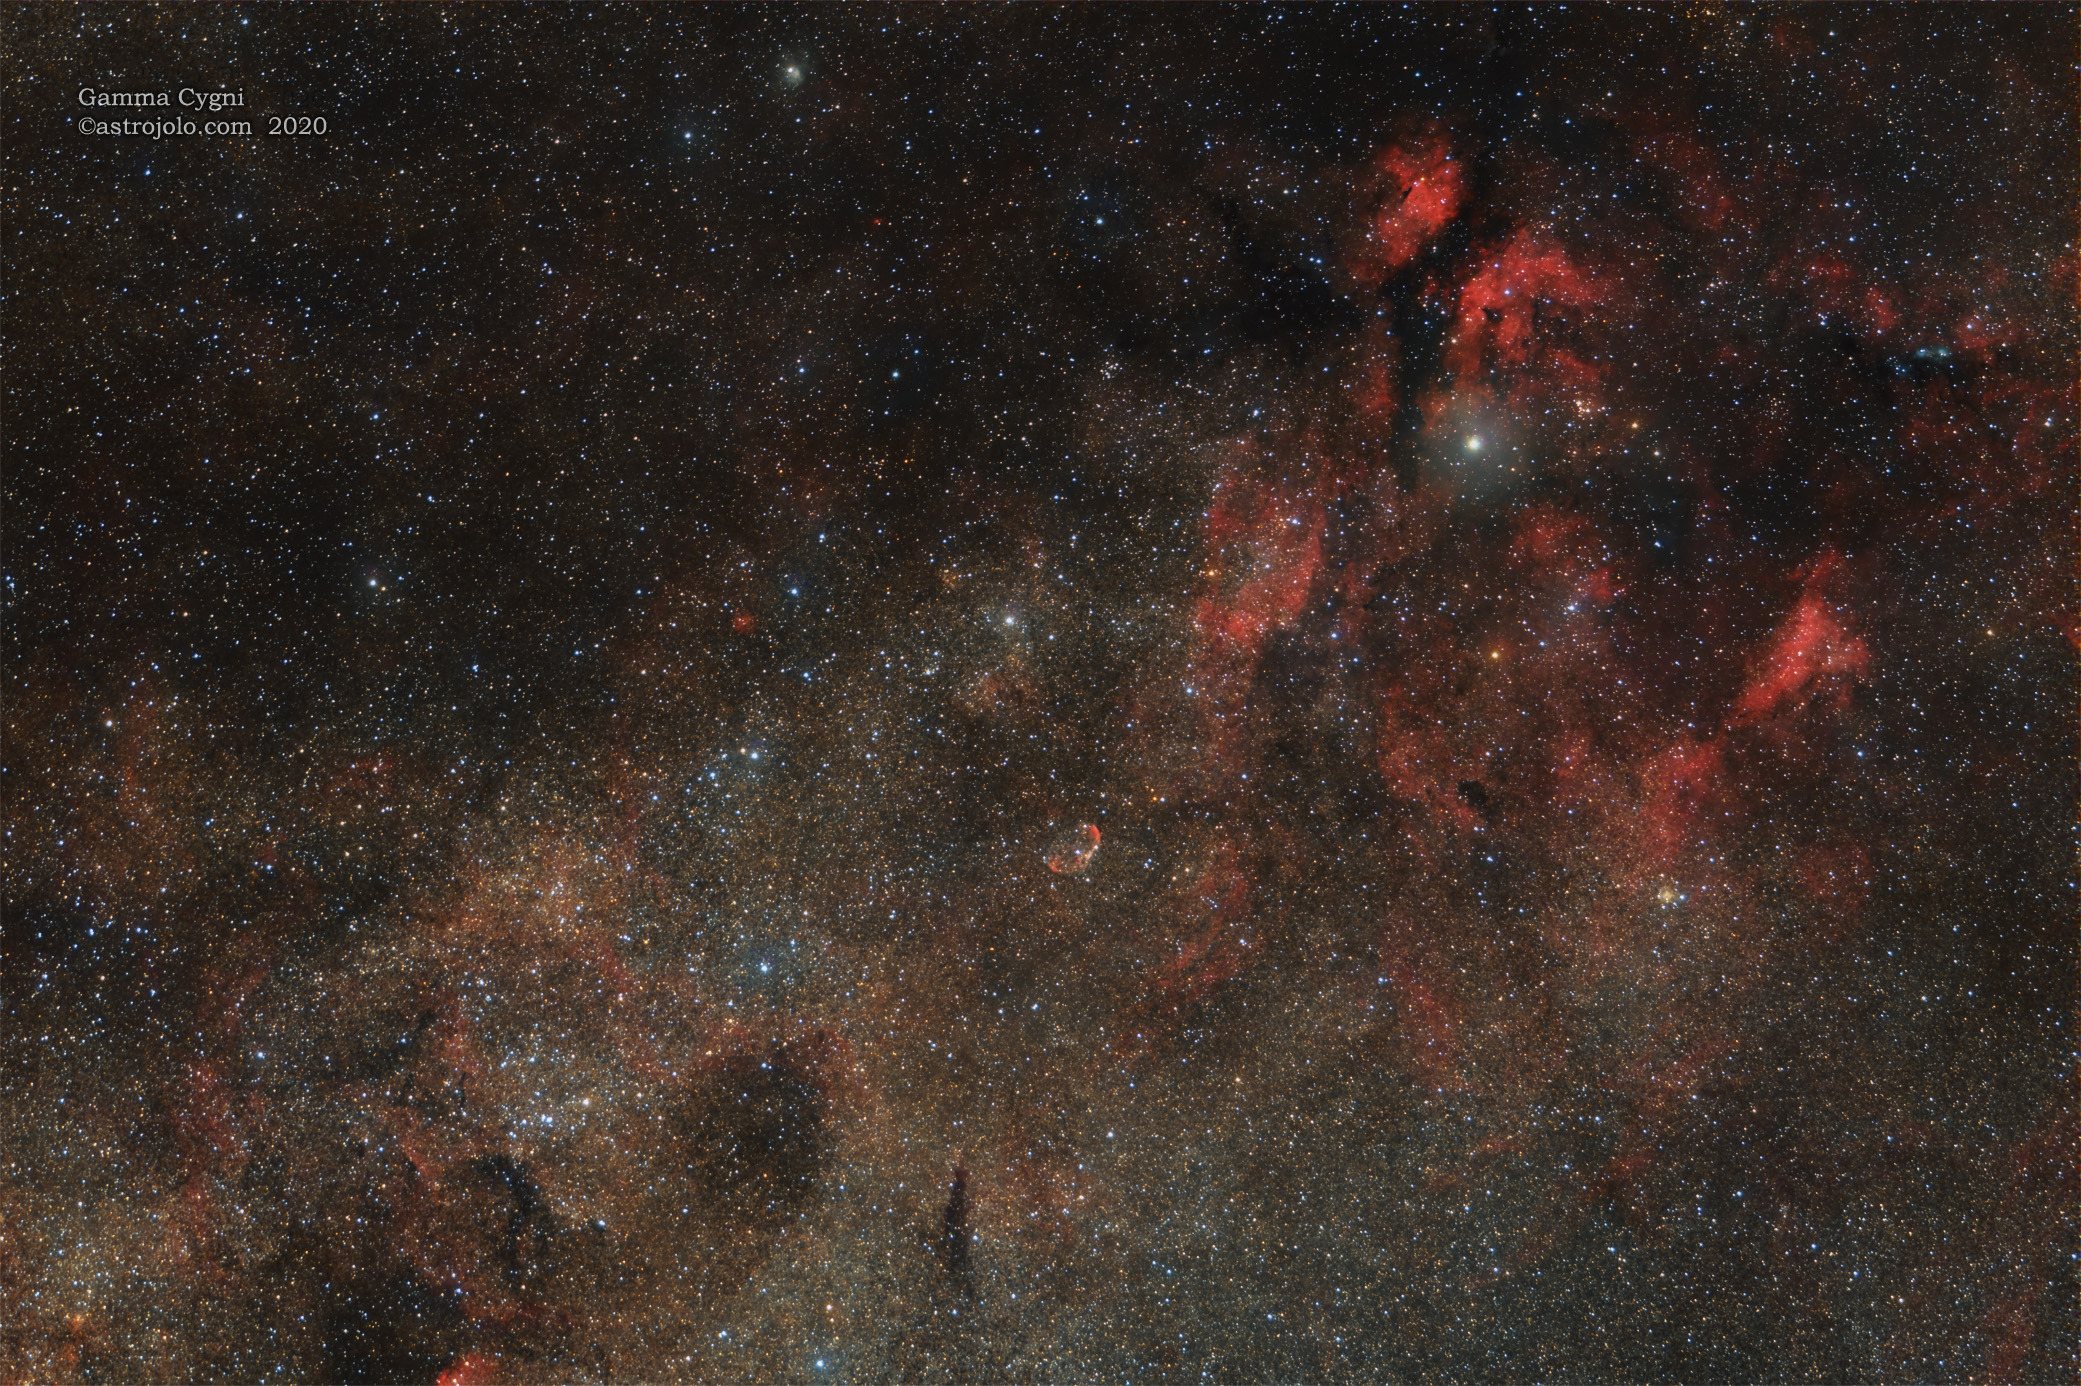 2020-09-19-gamma-cygni-3.jpg